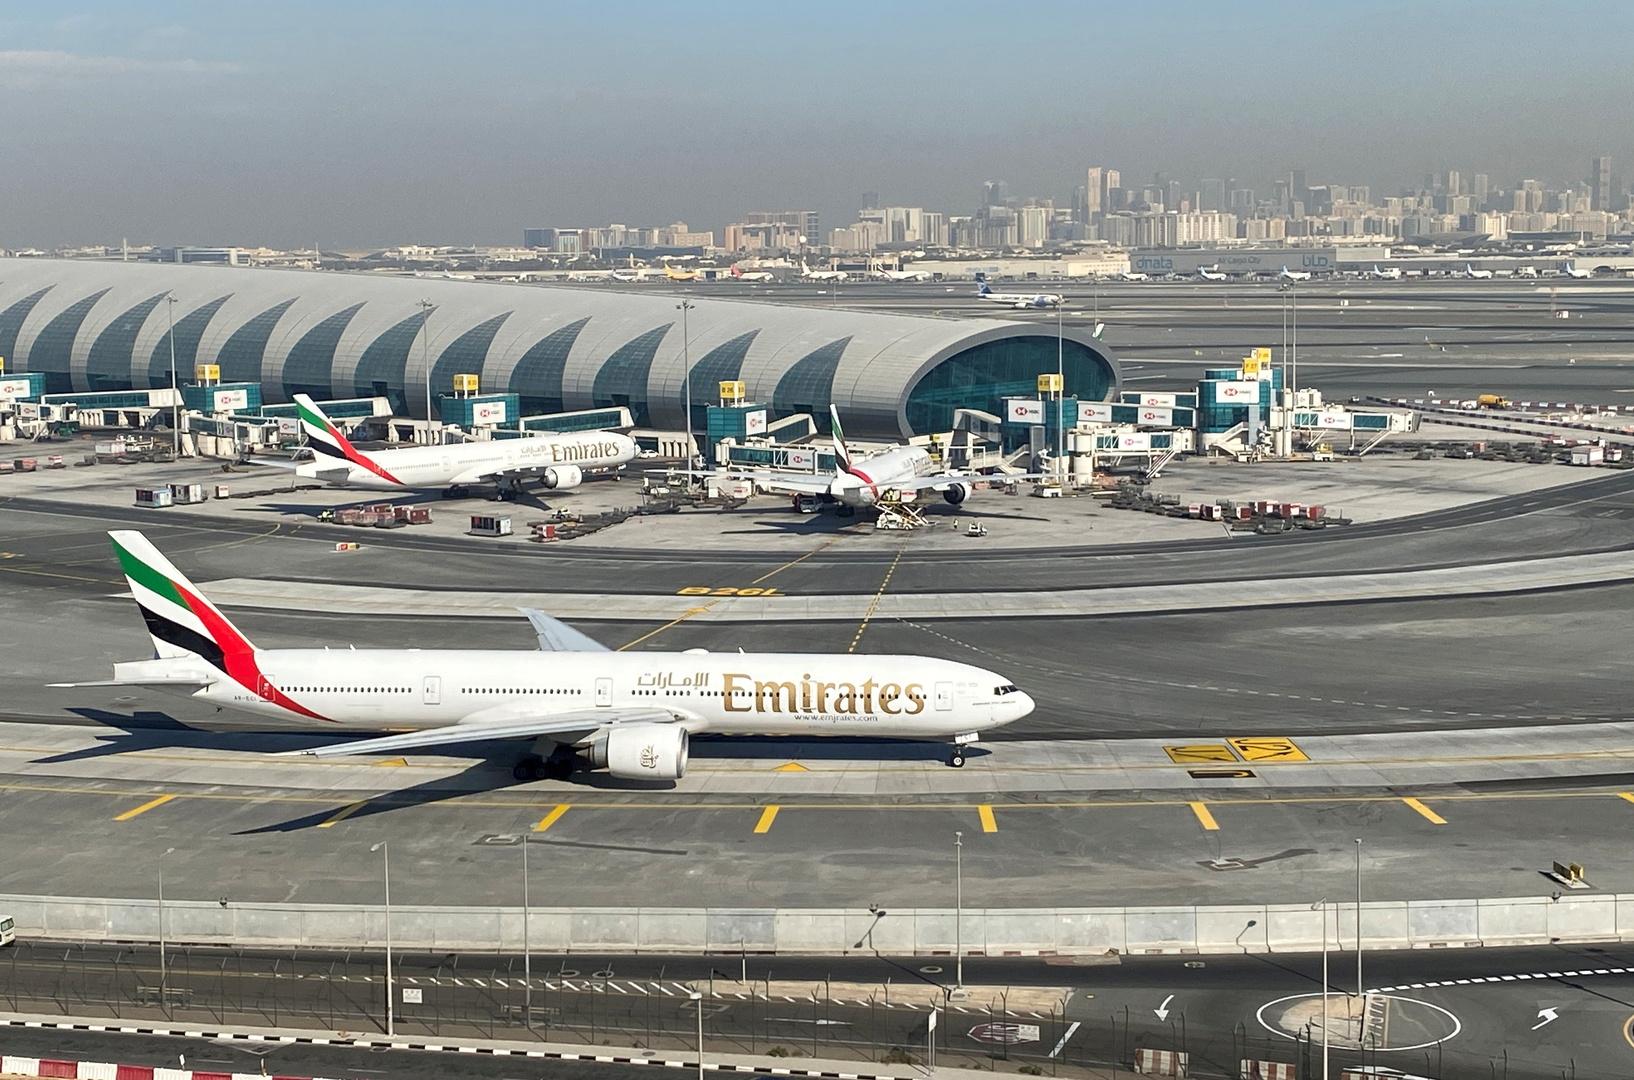 الإمارات..أسعار تذاكر الطيران ترتفع بنسبة 40%  إلى 4 وجهات عربية